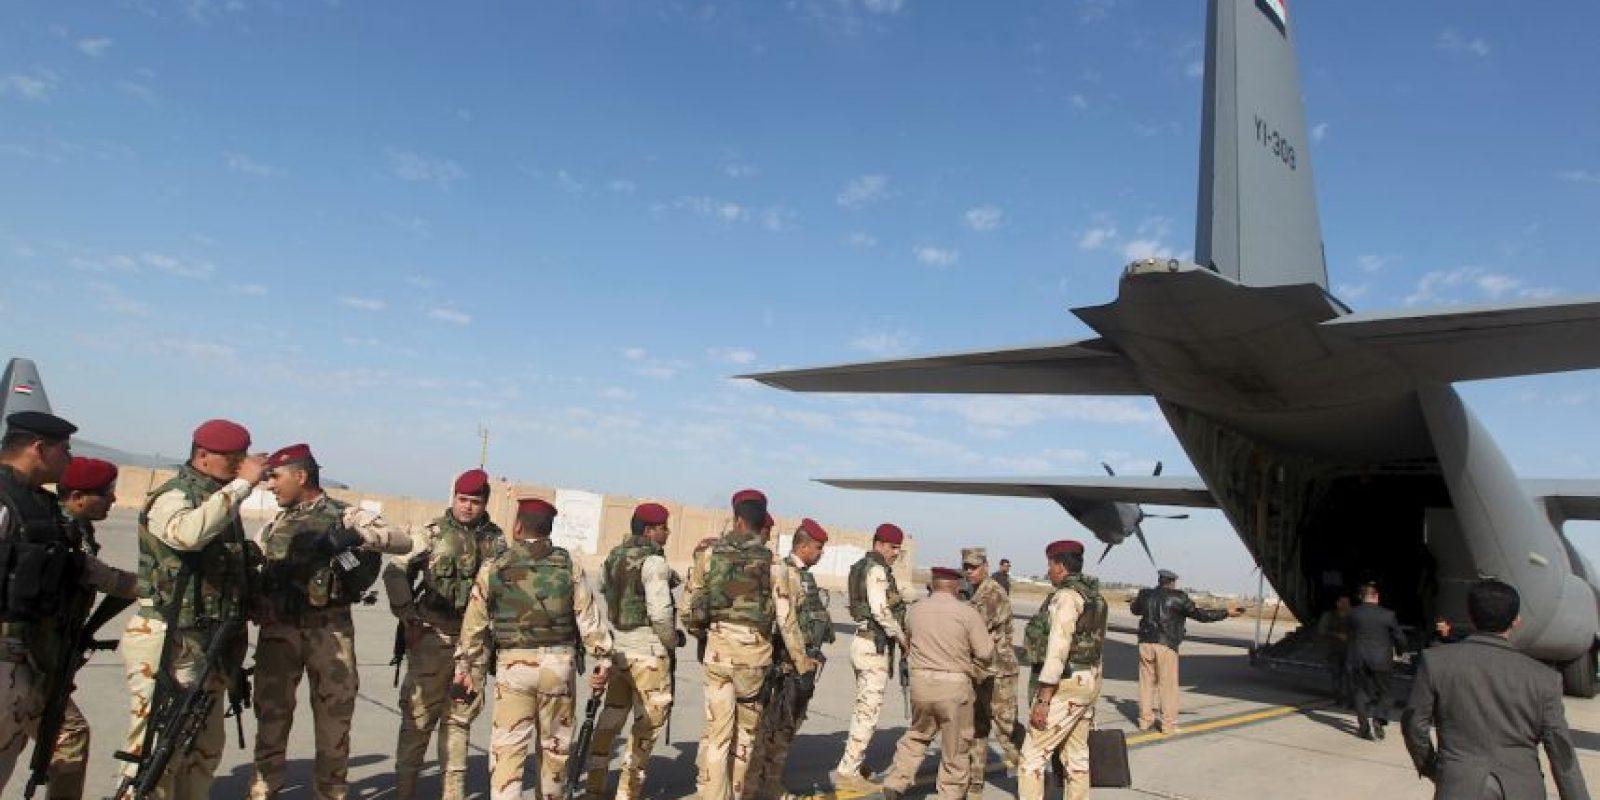 El EI obtiene sus fondos de los secuestros que realiza, así como los saqueos, robos y contrabando de petróleo. Foto:AFP